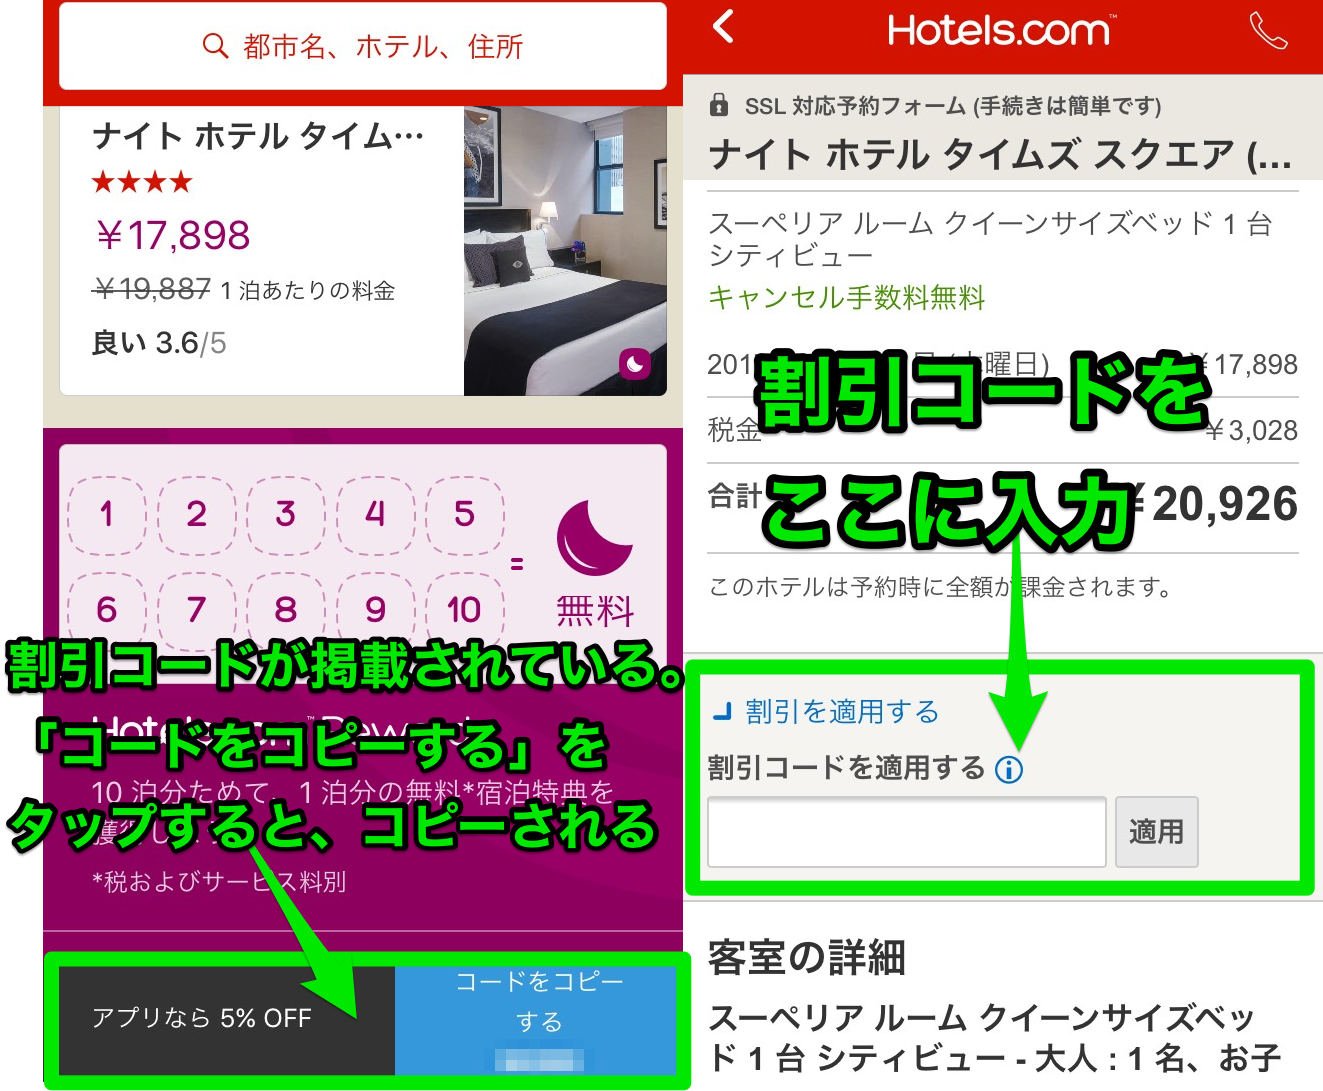 ホテルズドットコム(Hotels.com)アプリで割引コードを使用